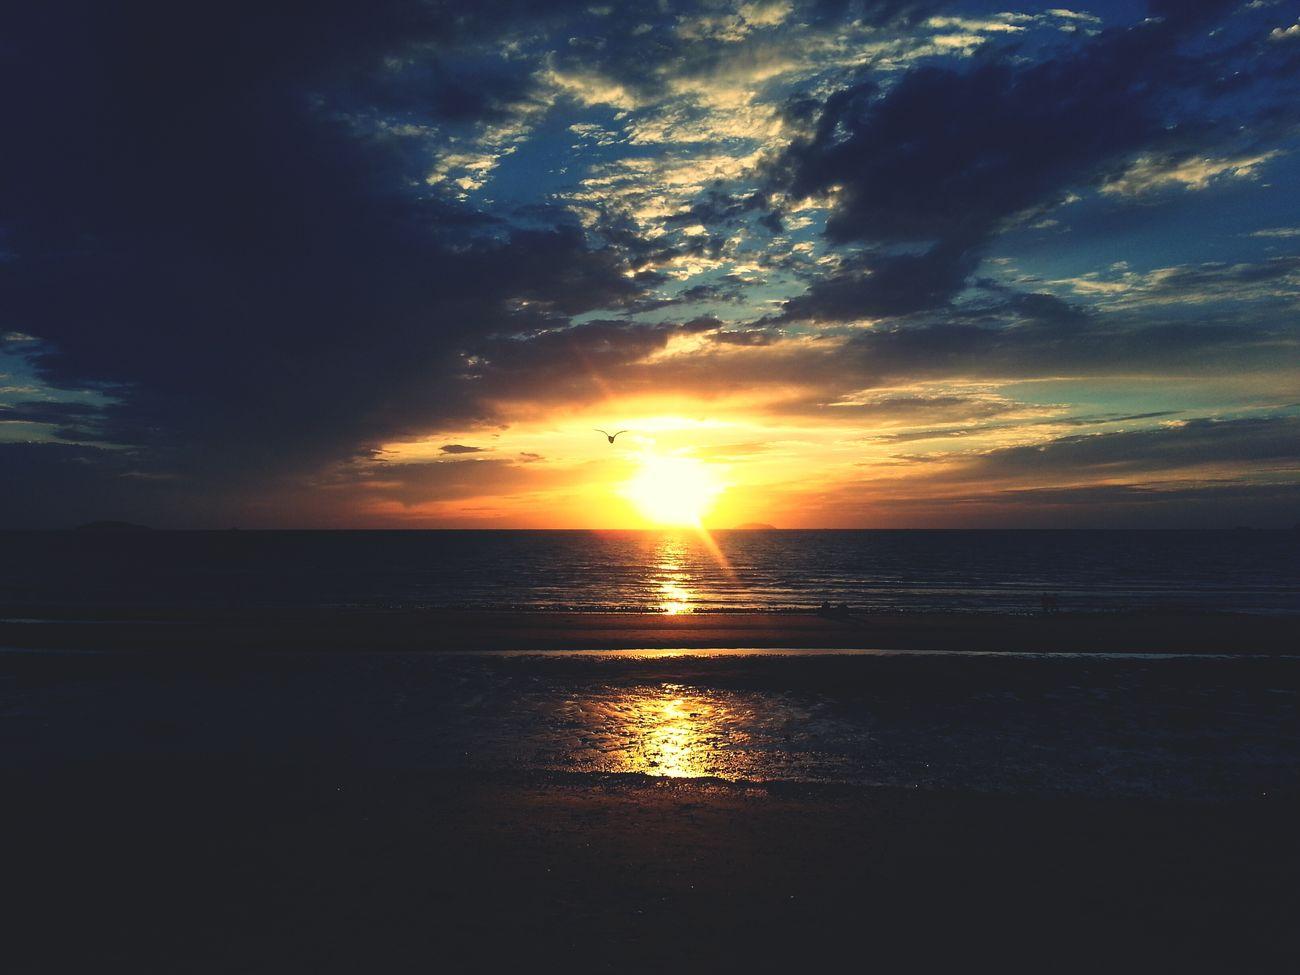 룰룰룰루루루룰루루루후룰루 Sunset Clouds Nature Sky